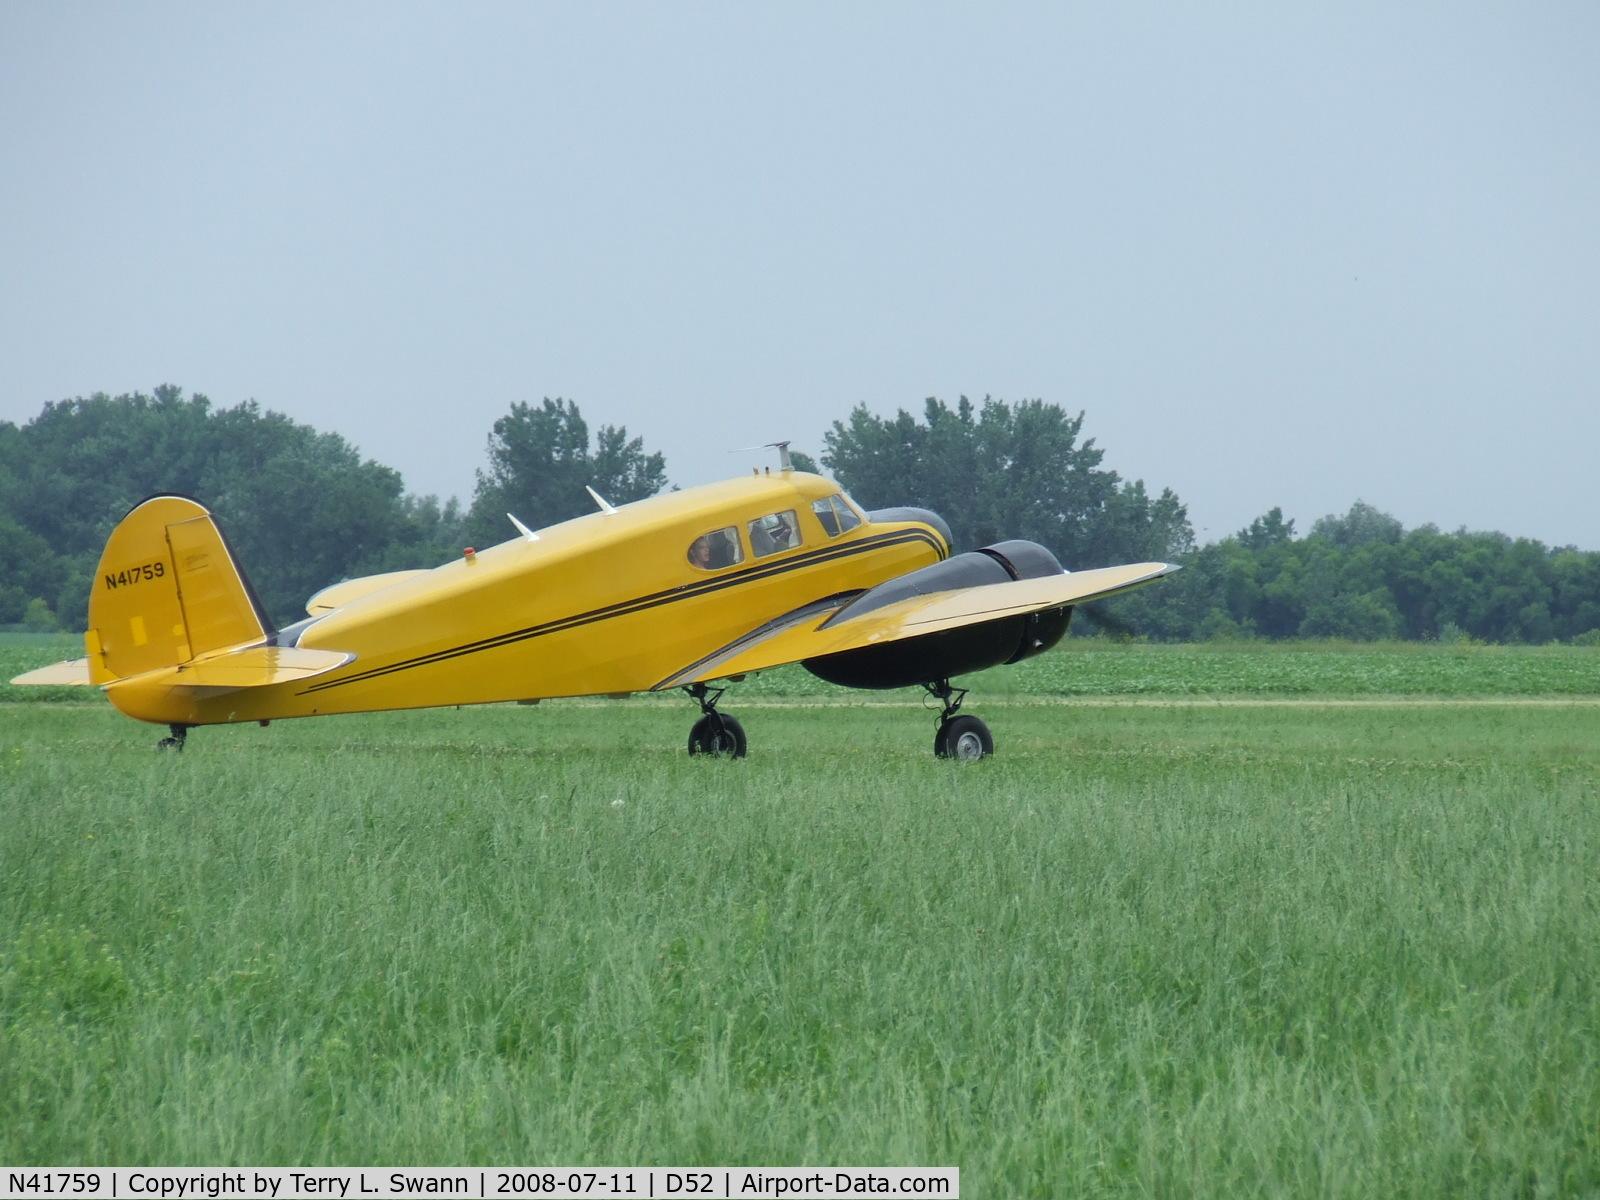 N41759, 1944 Cessna UC-78 (T-50) Bobcat C/N 5807, Bobcat at Geneseo